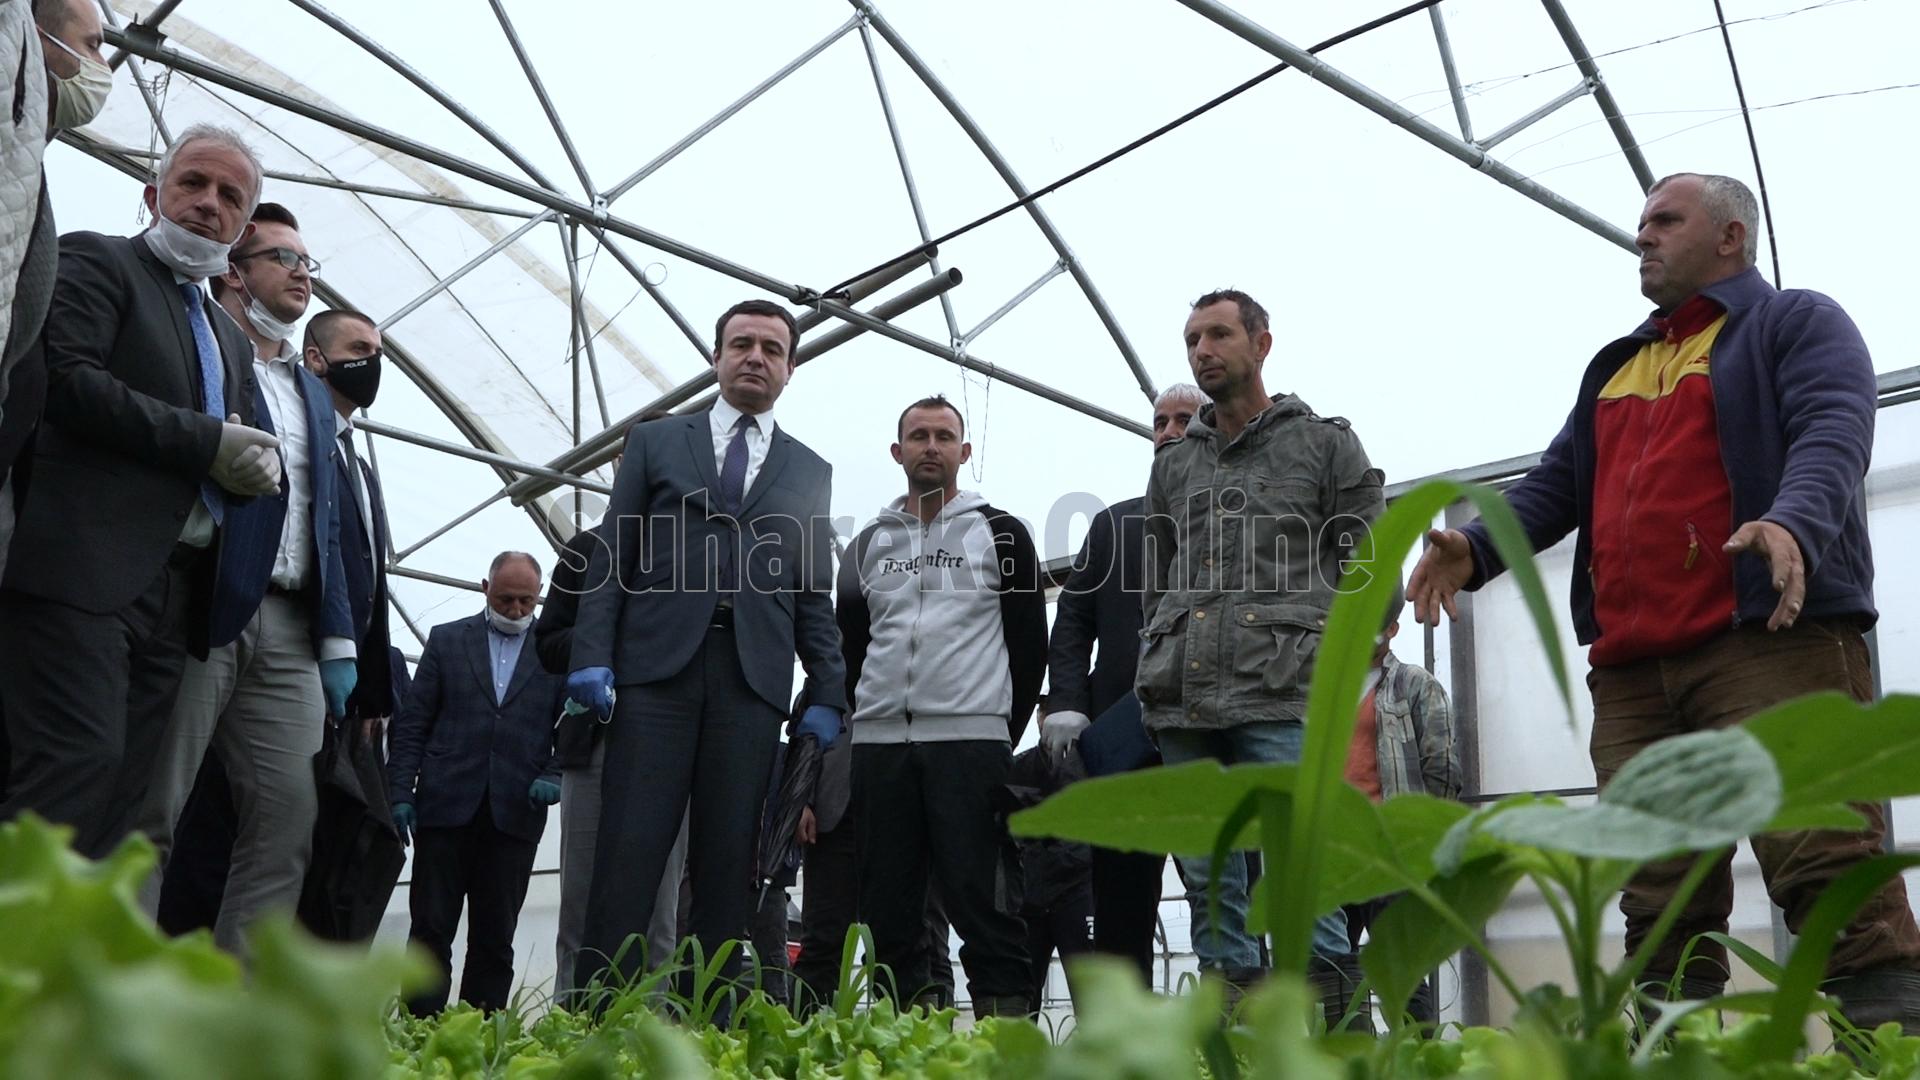 Kompensimi i dëmeve nga reshjet e shiut dhe subvencionimi i bujqëve do të bëhet javën e ardhshme